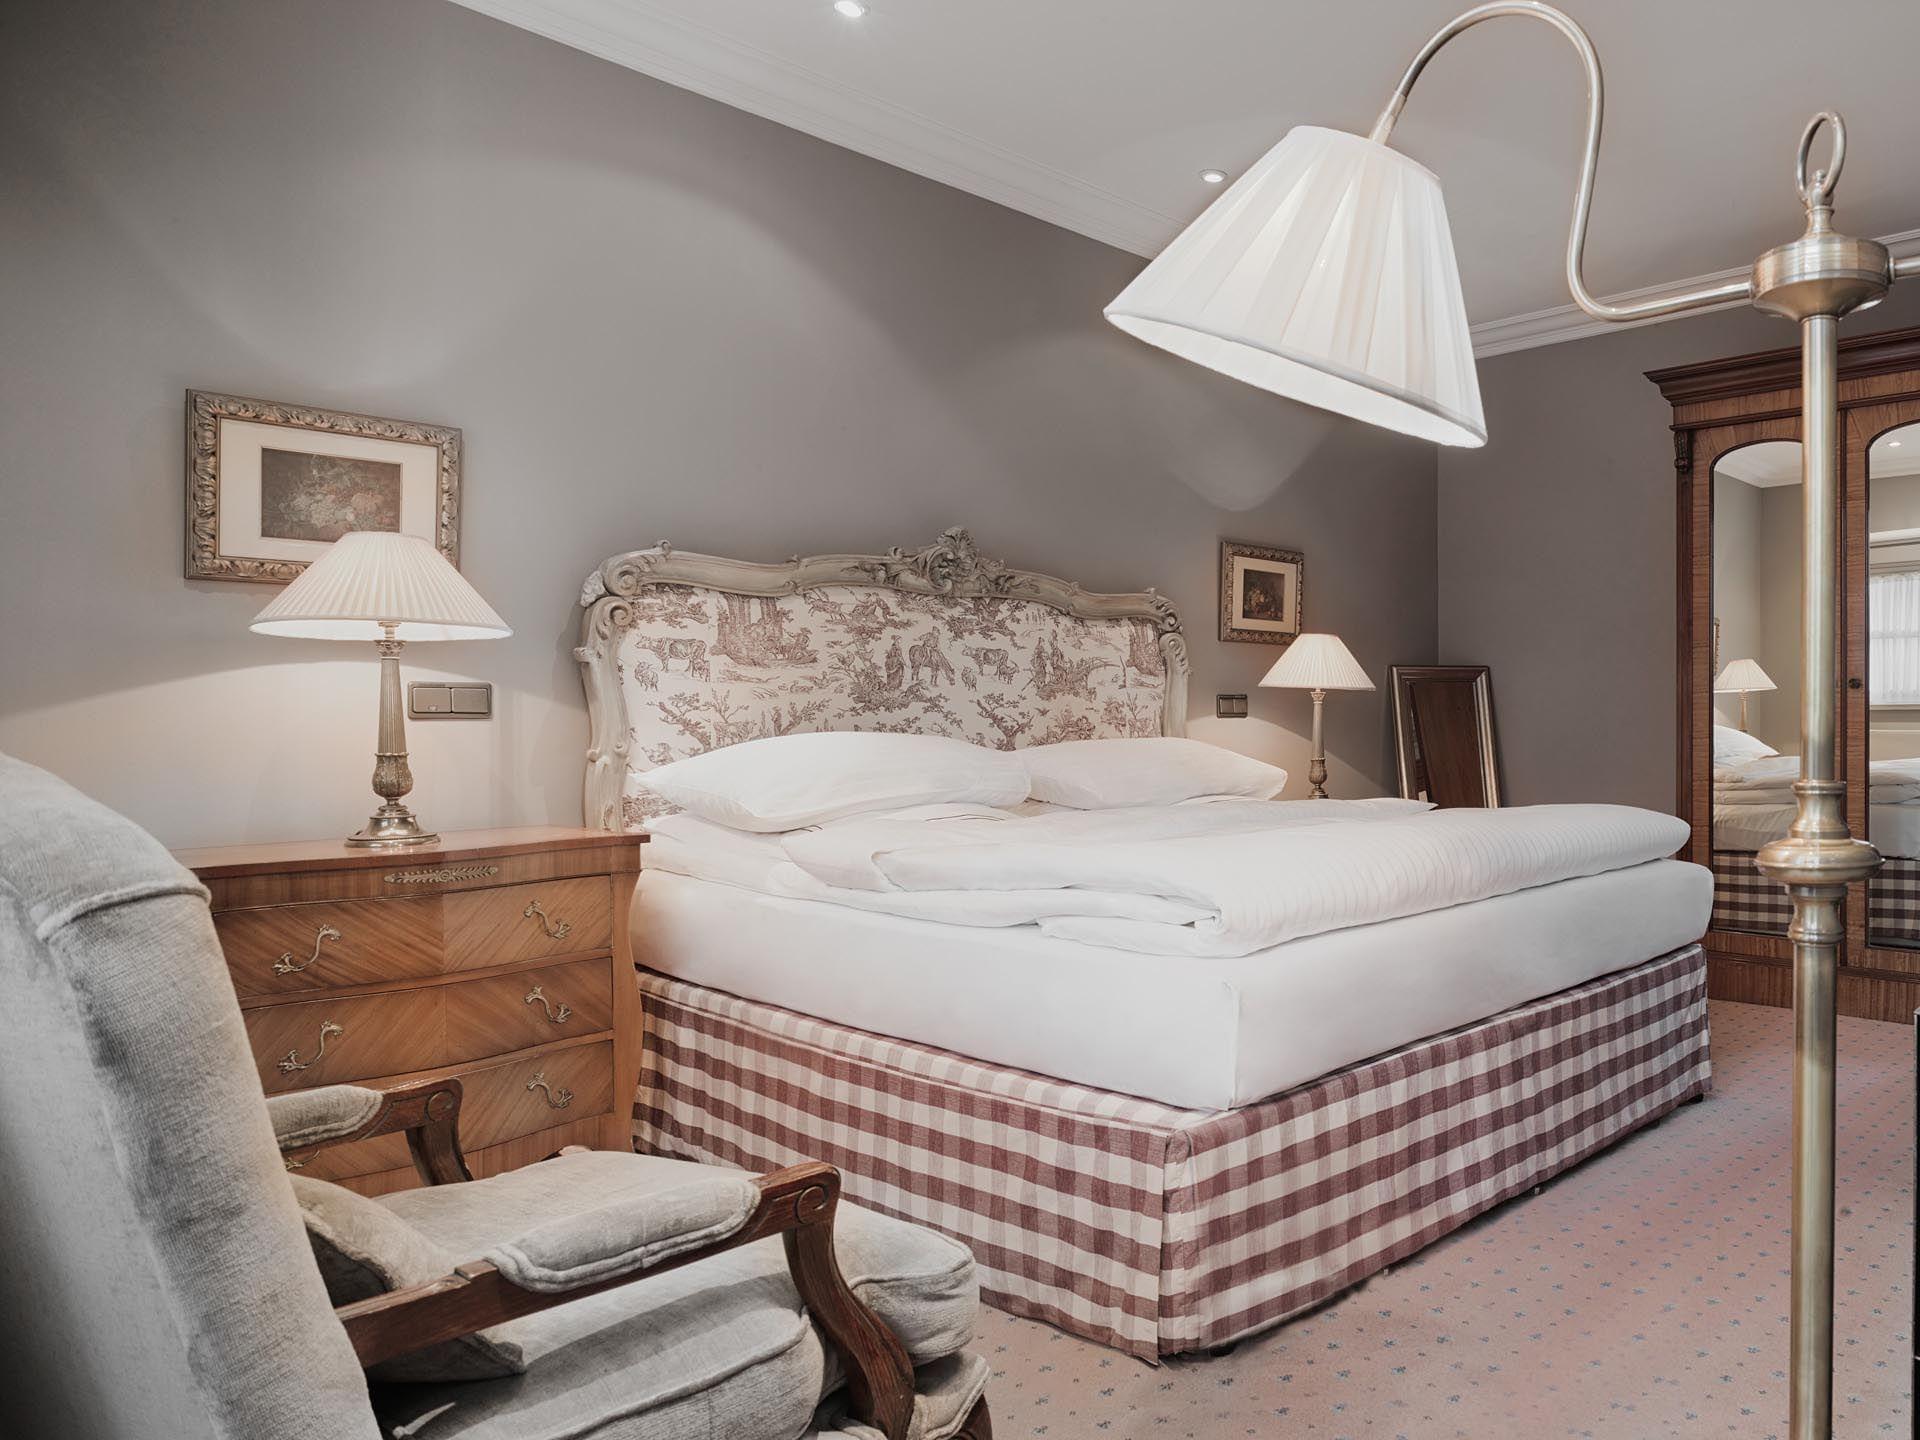 King Junior Suite Bedroom at Patrick Hellman Schlosshotel